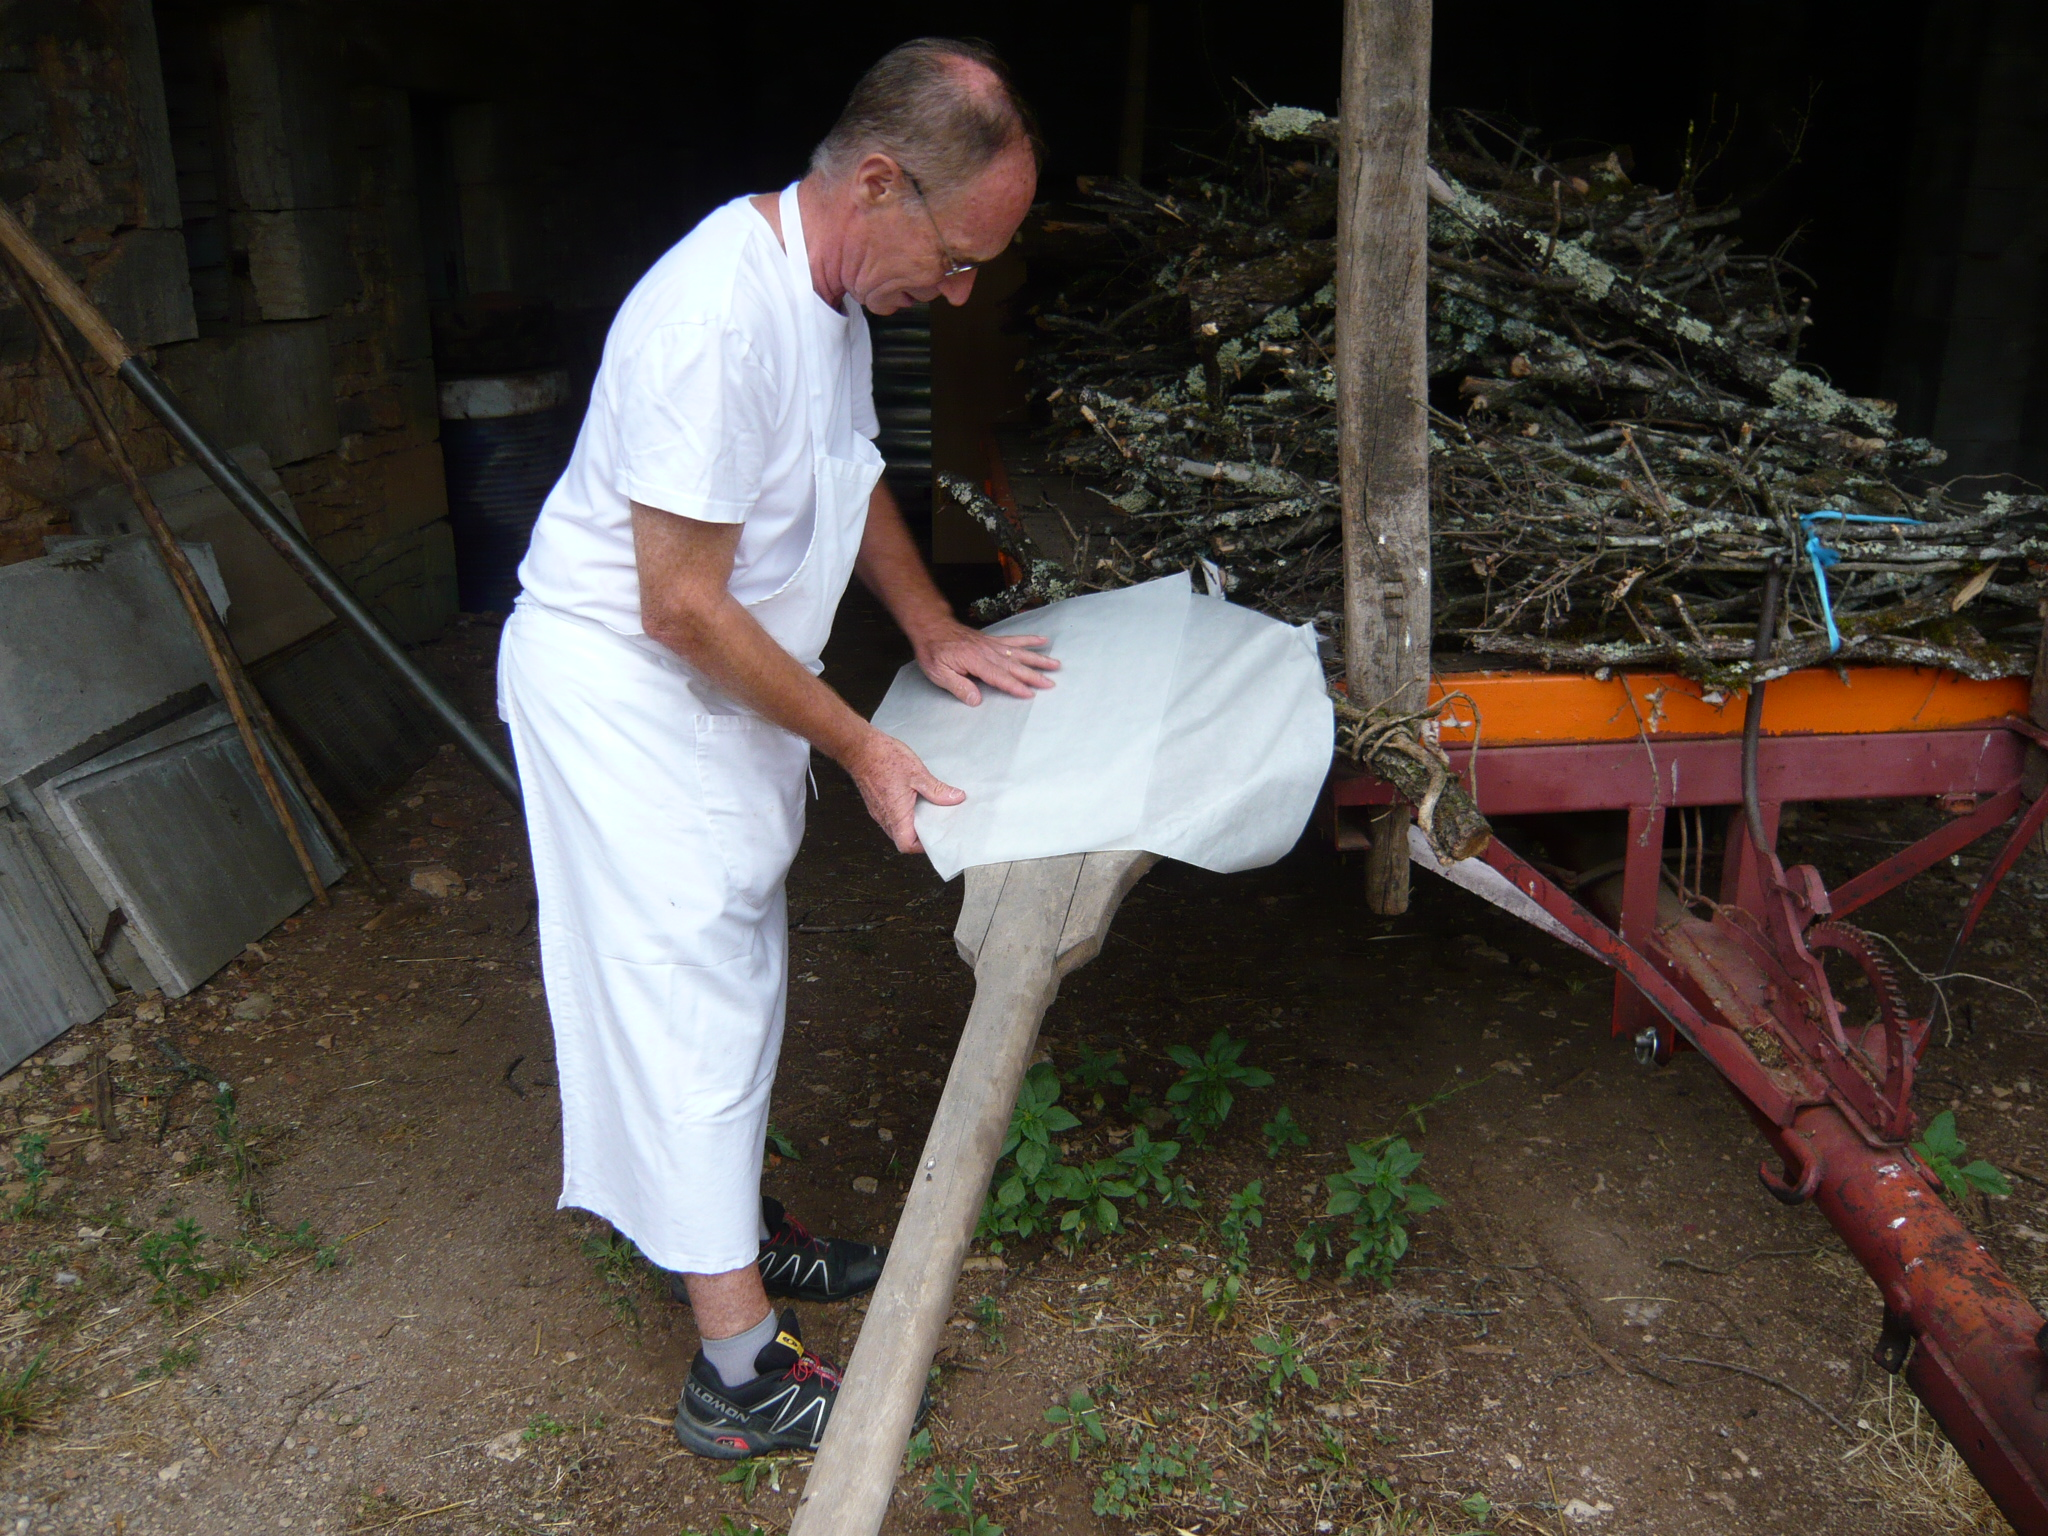 Philippe prépare les pelles à enfourner